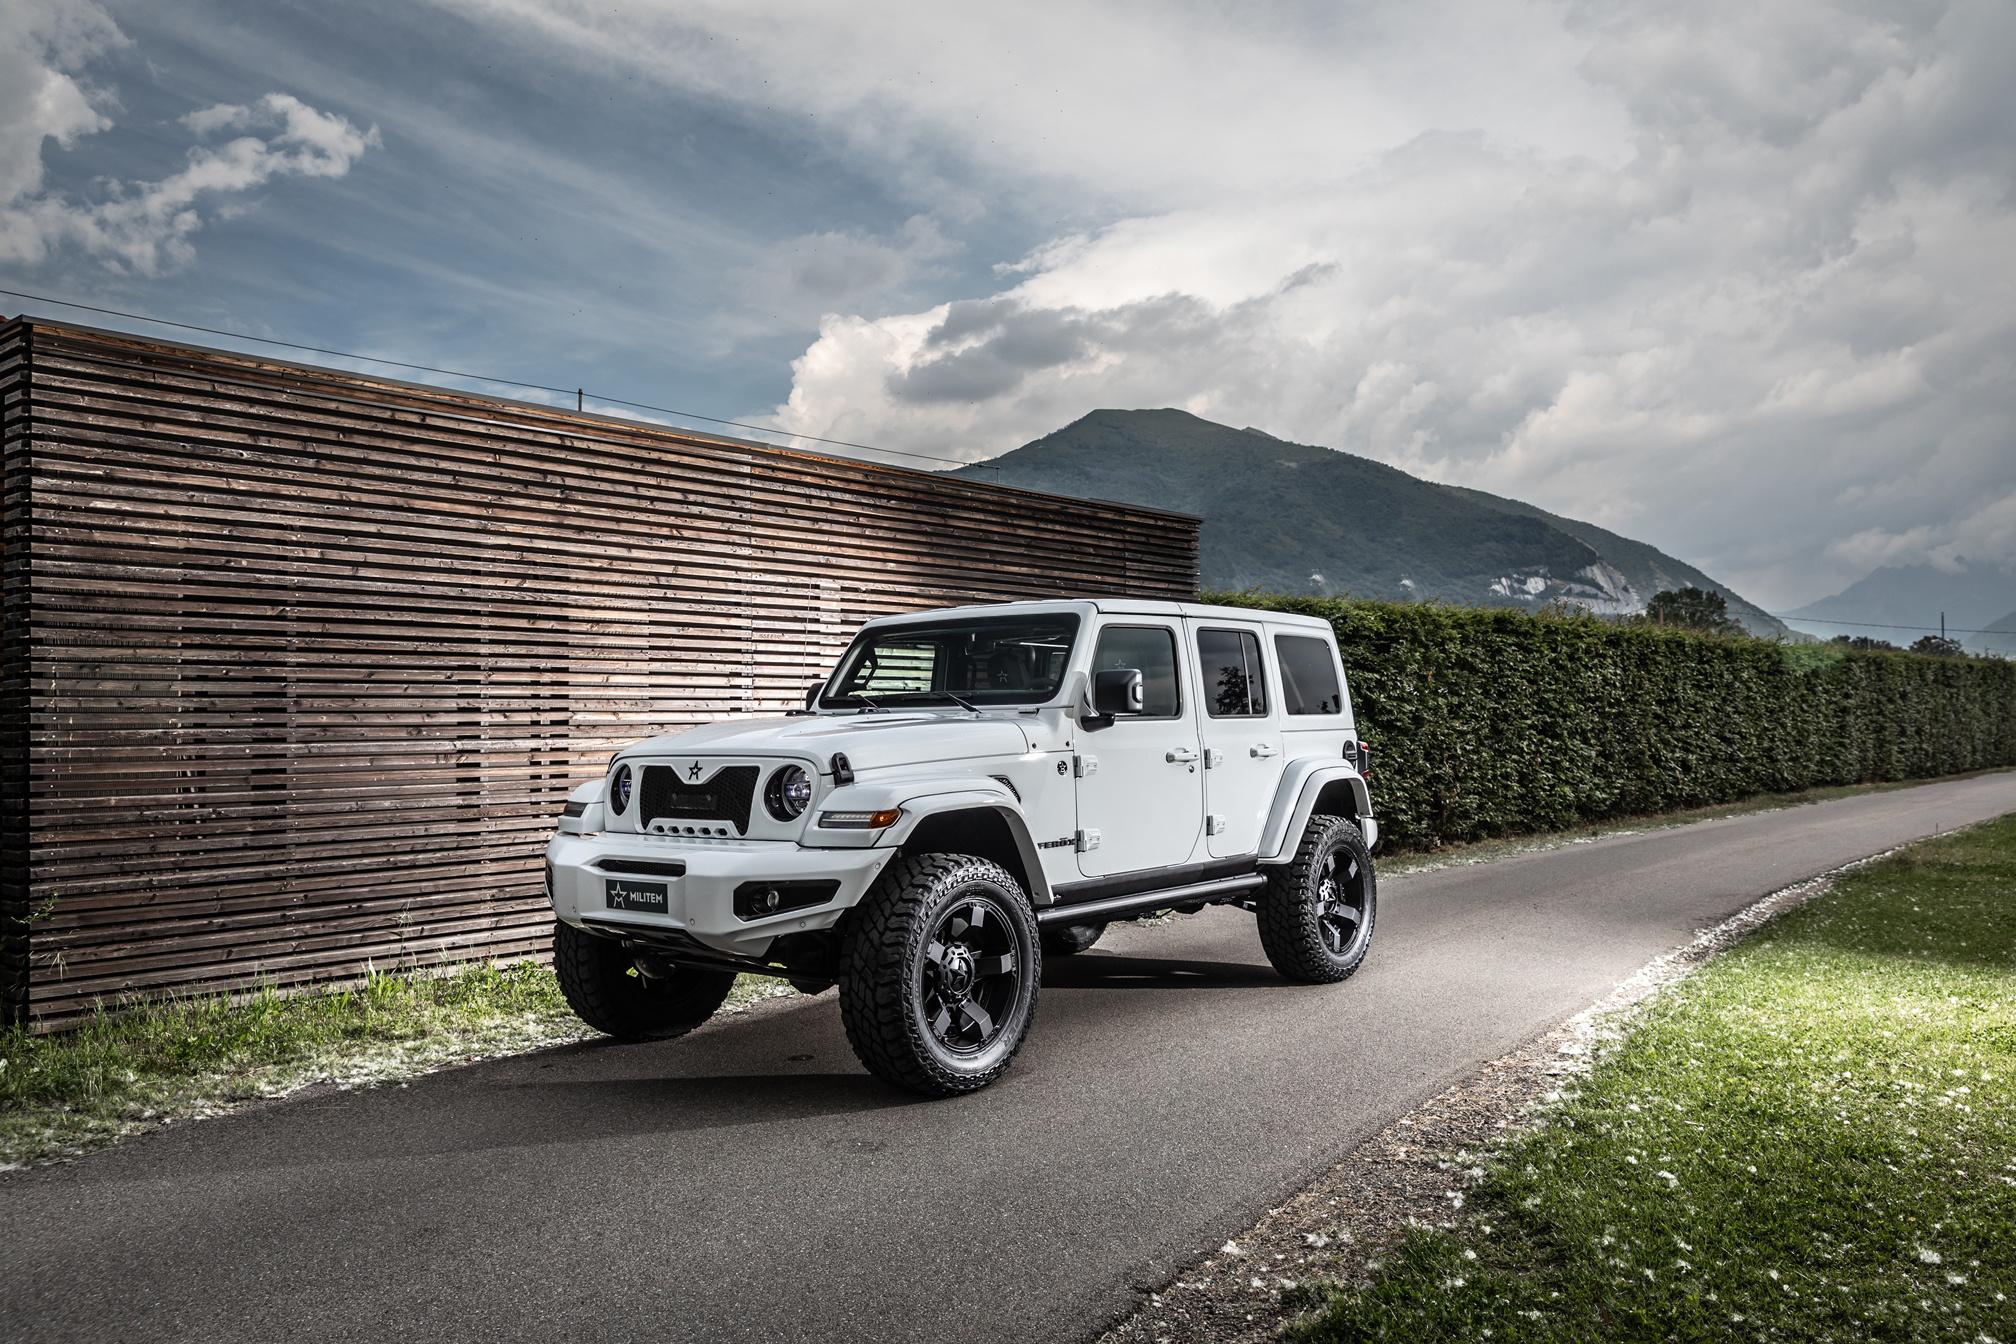 Фотографии Джип Внедорожник 2019 Militem Ferōx белые Автомобили 2016x1344 Jeep SUV белая Белый белых авто машины машина автомобиль